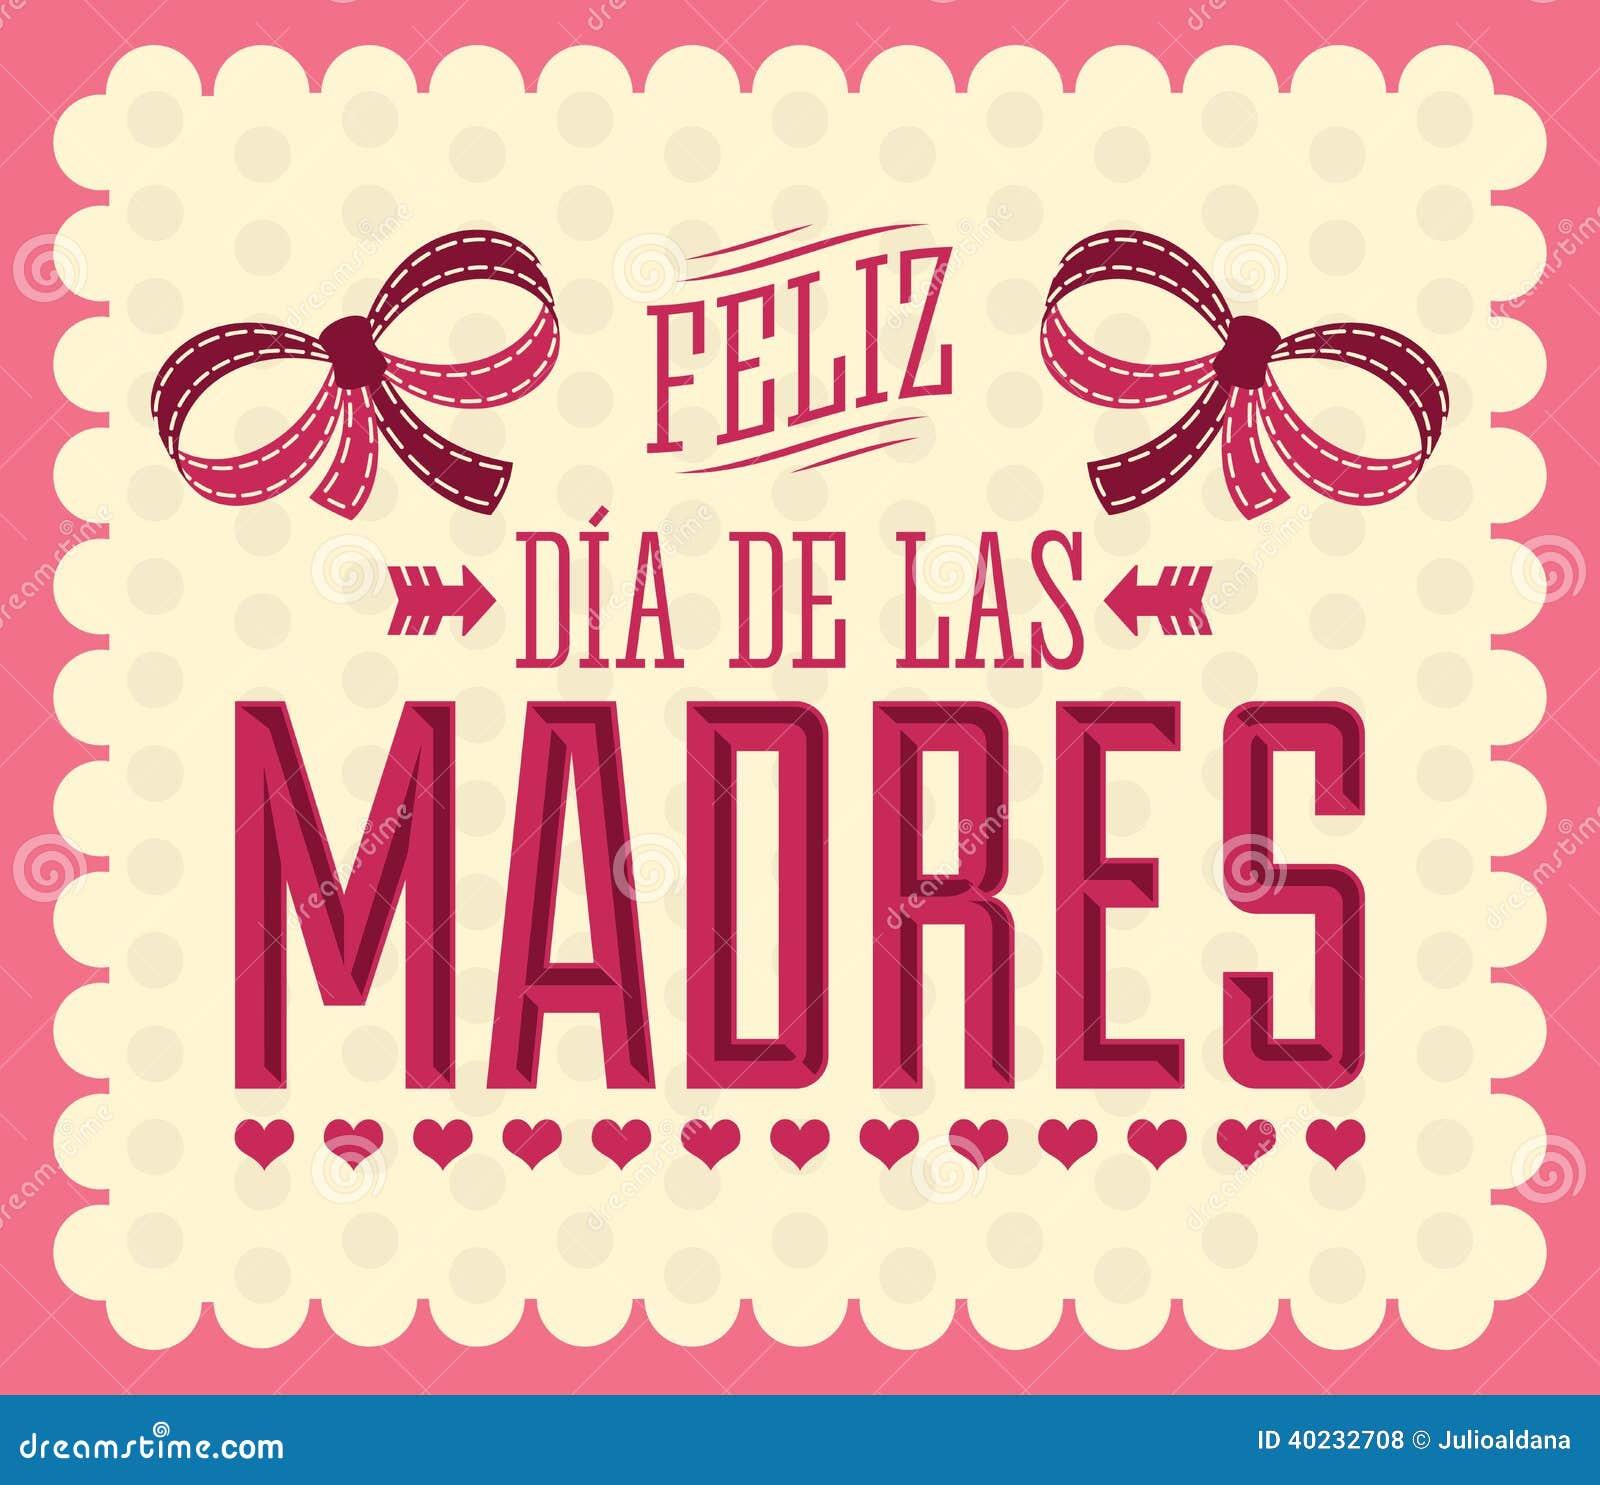 Feliz Dia de Las Madres, glückliches Tagesspanisch der Mutter-s simsen